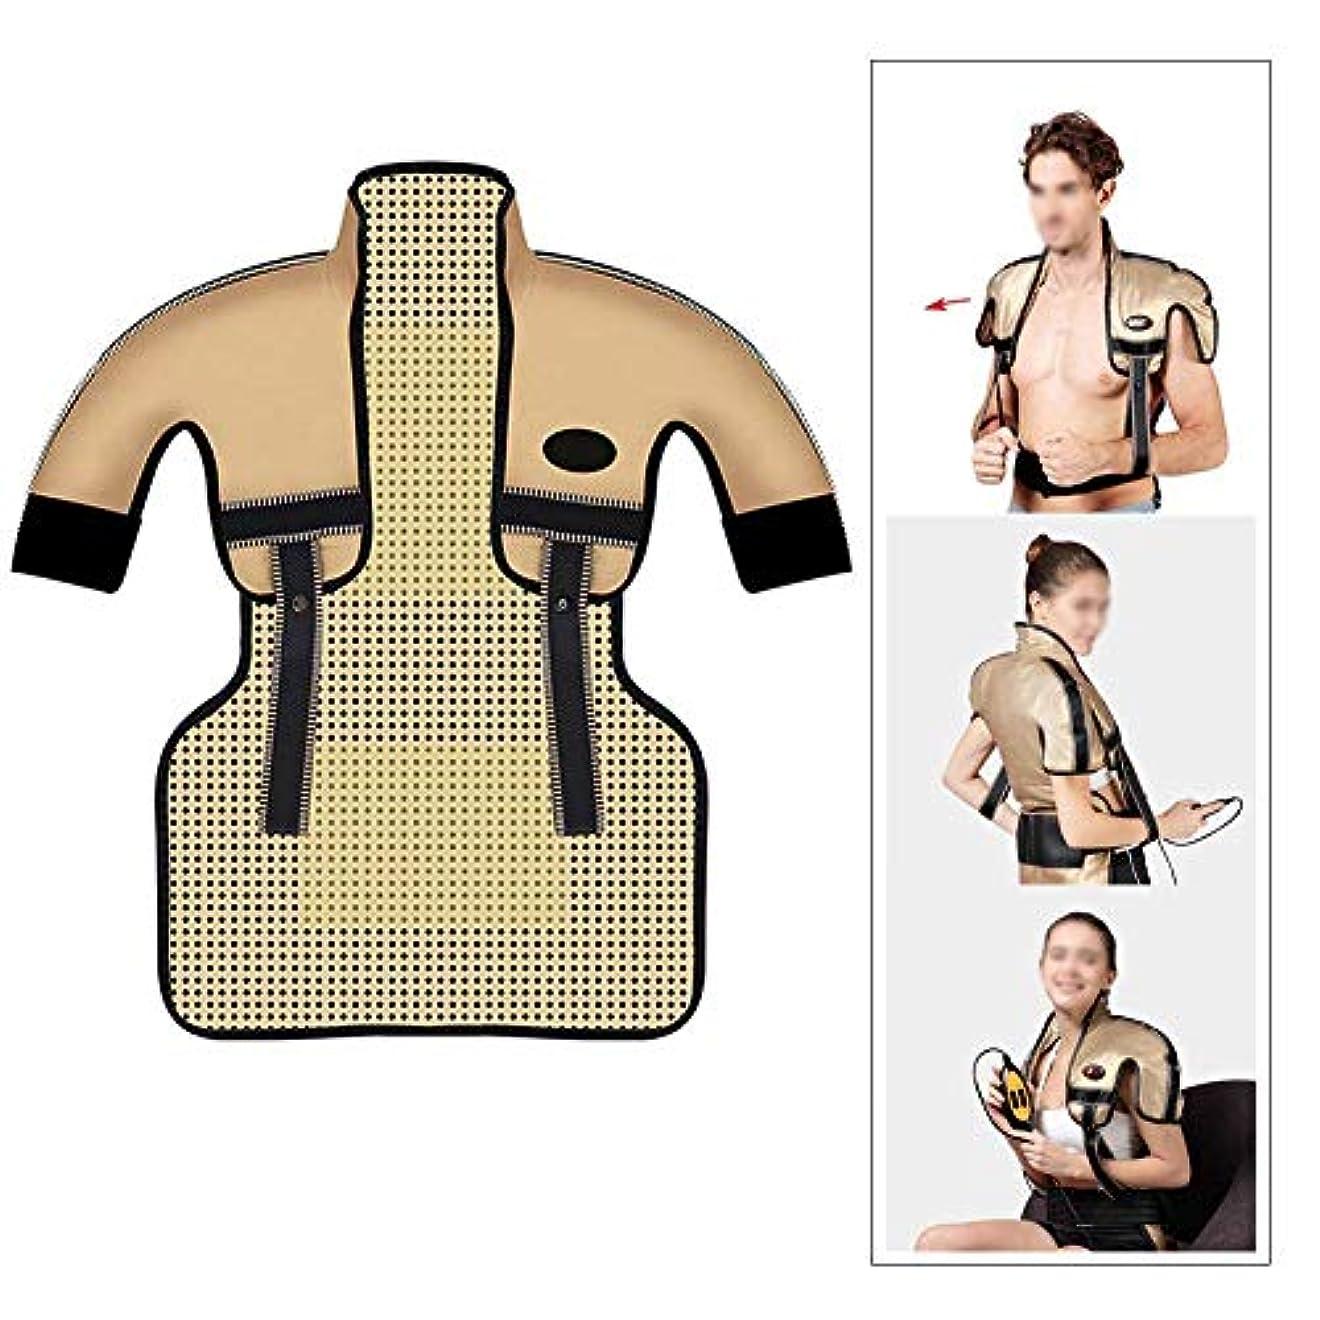 高めるリマ山積みの肩と首の電気加熱パッド - 混練加熱、痛みを和らげるヒートパッド、医療用品マッサージベスト(肩幅用:35-50CM)